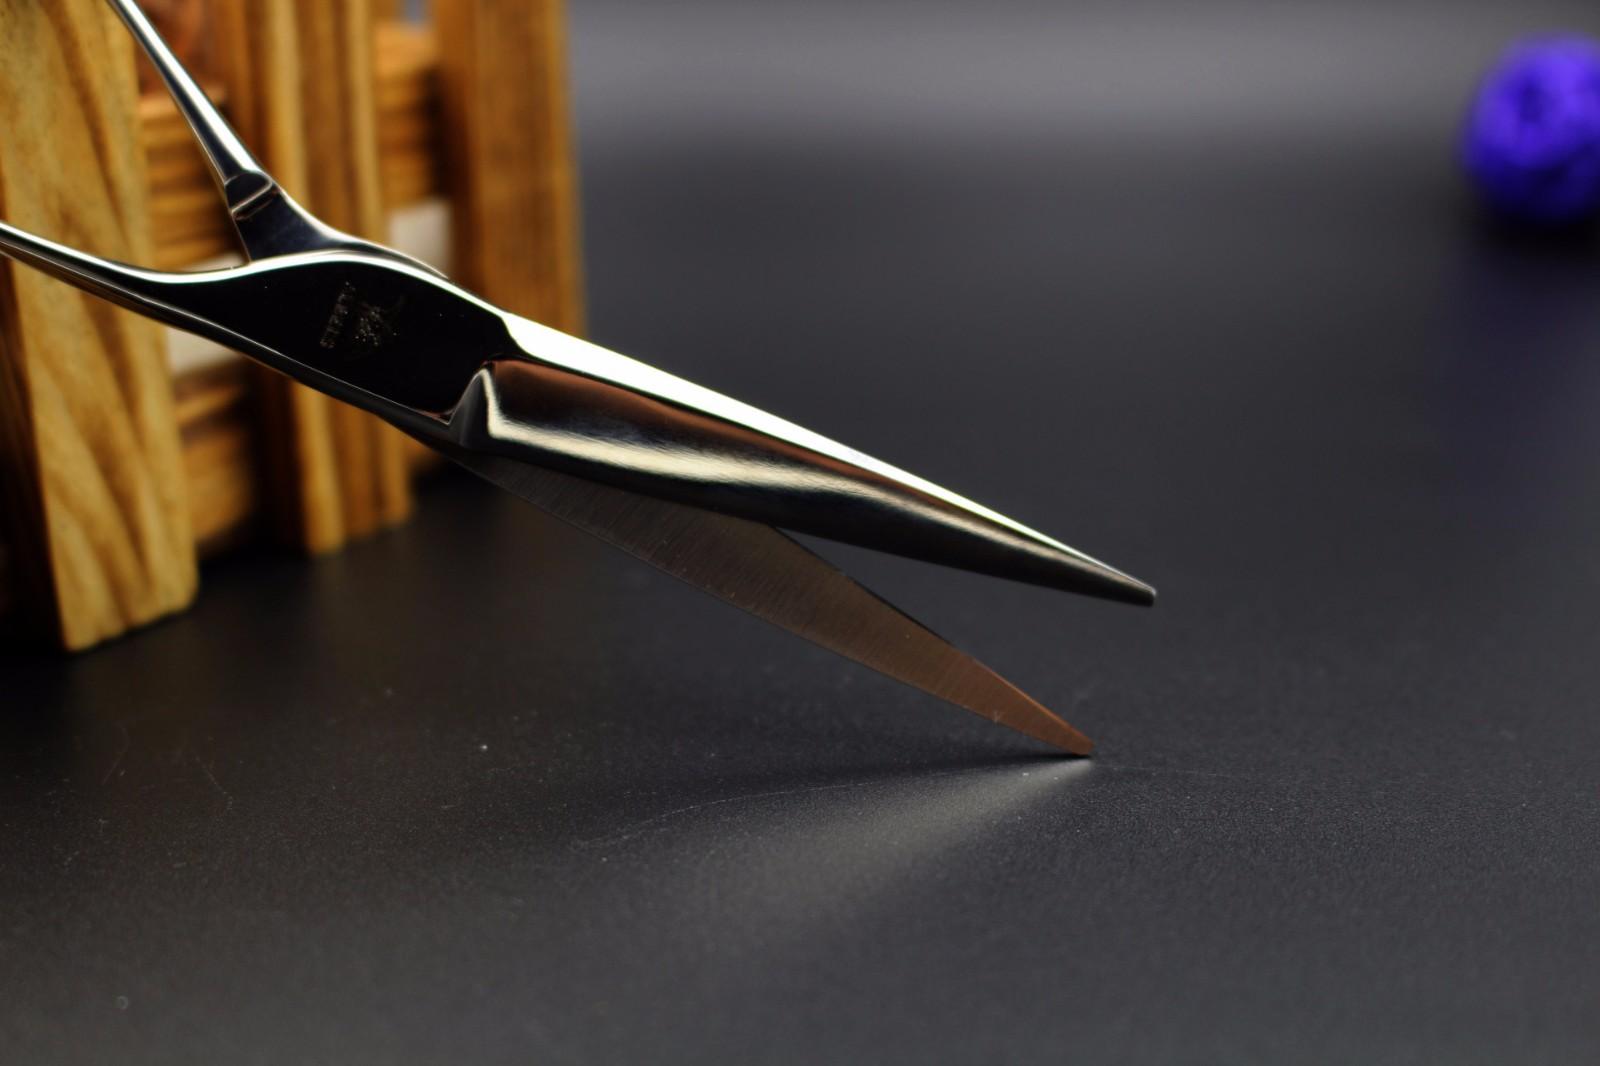 理发剪刀|推荐产品-广州市白云区三元里名恒美容美发商行